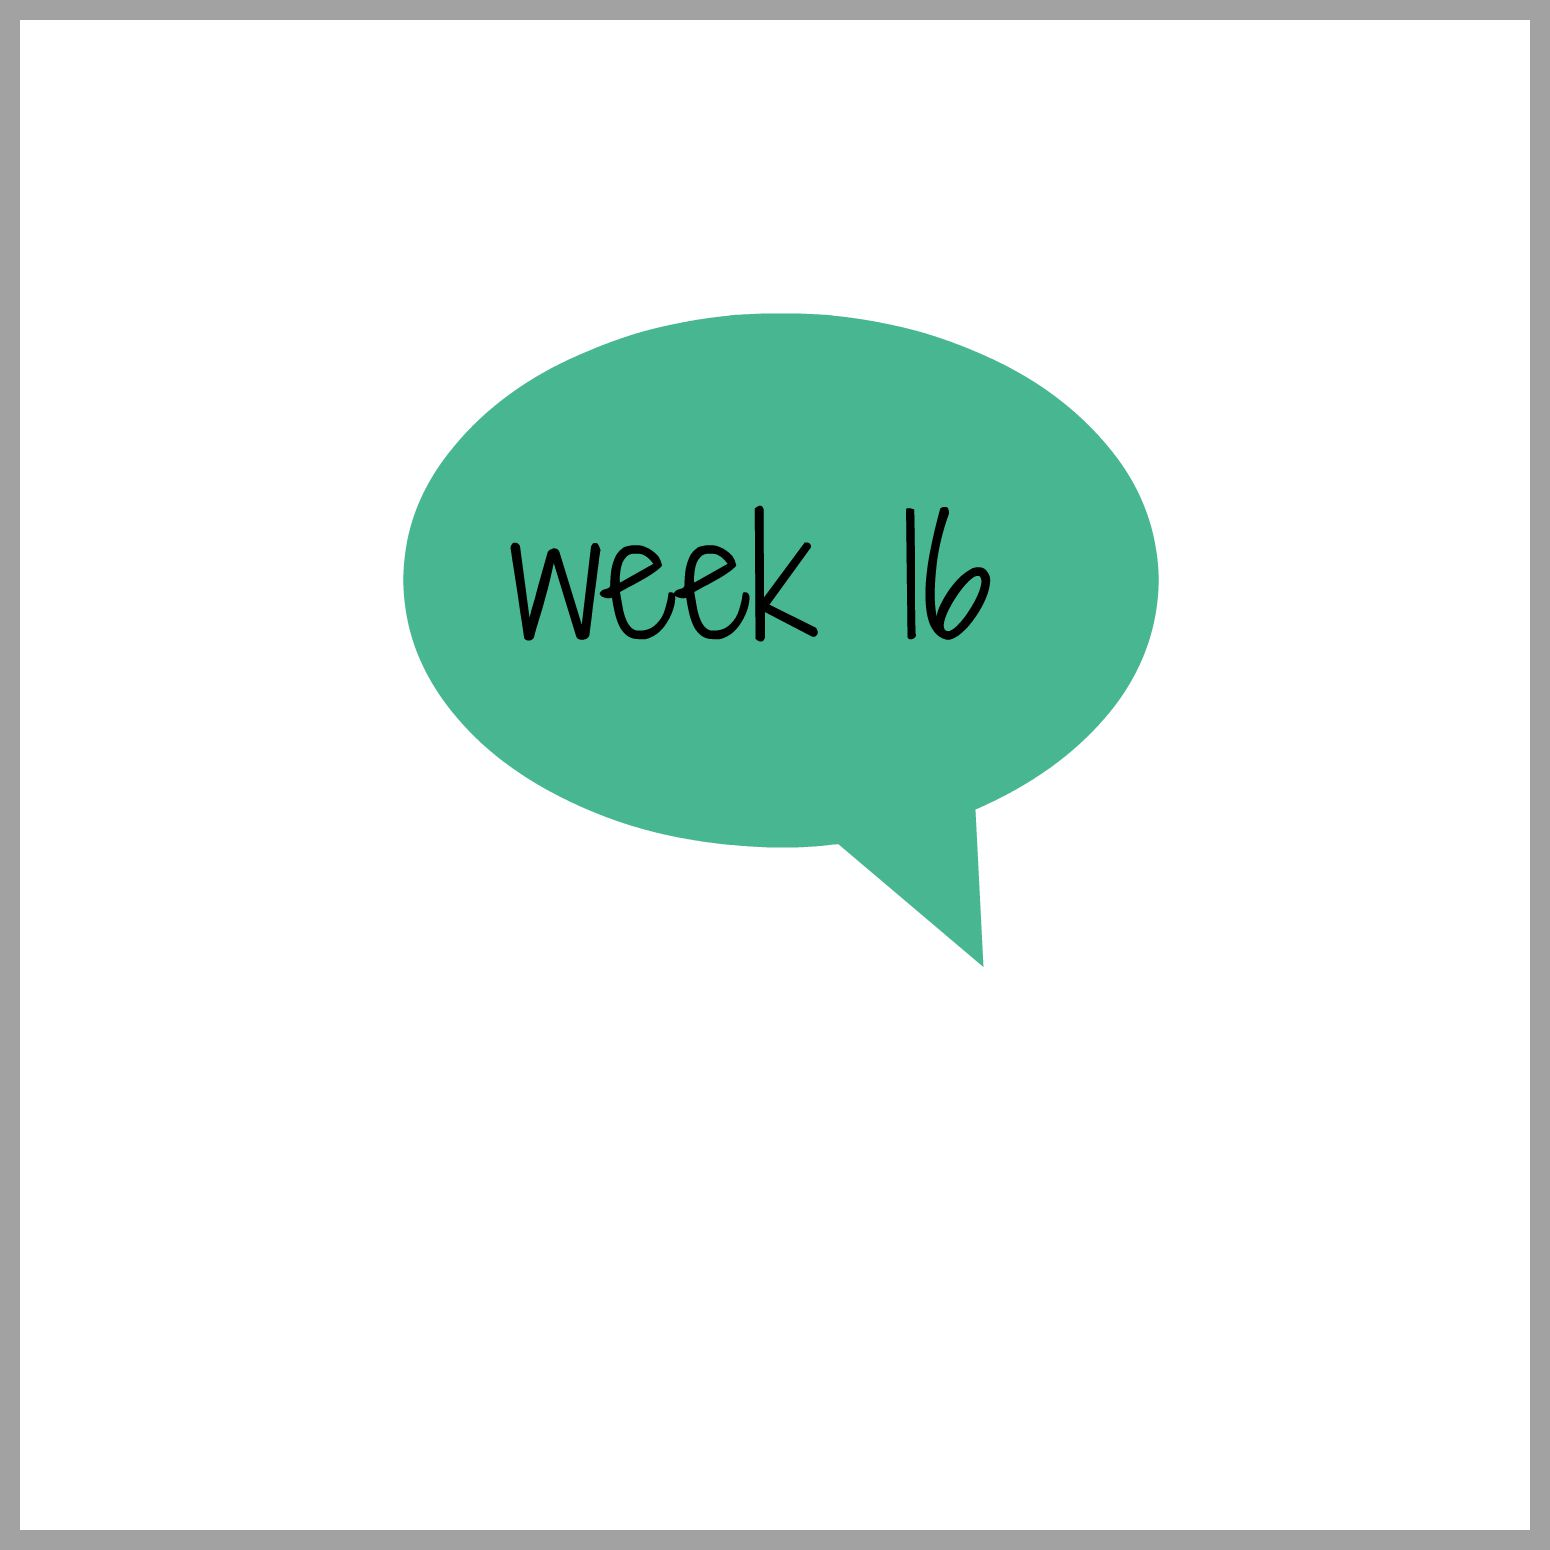 Tydzień 16, 16 tydzień, ciąża